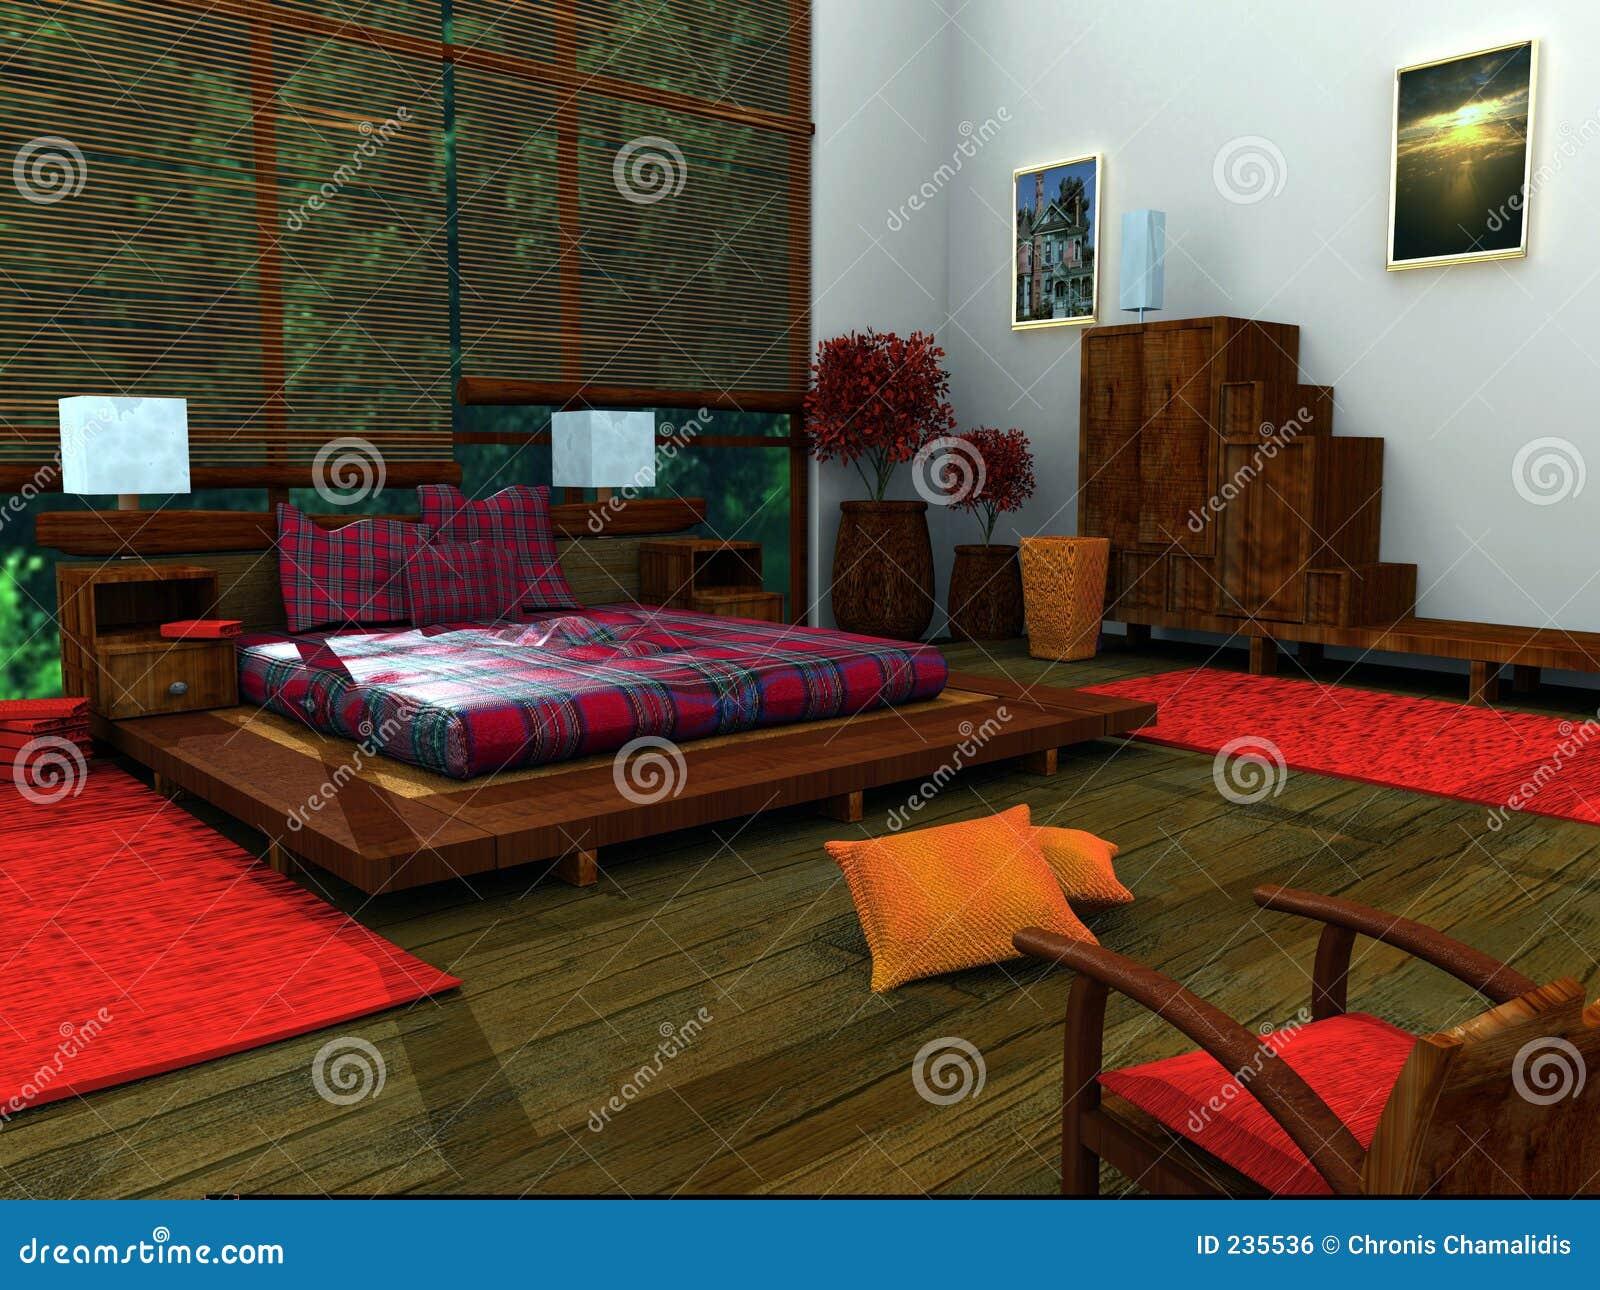 Camera da letto etnica immagine stock libera da diritti immagine 235536 - Oggetti camera da letto ...